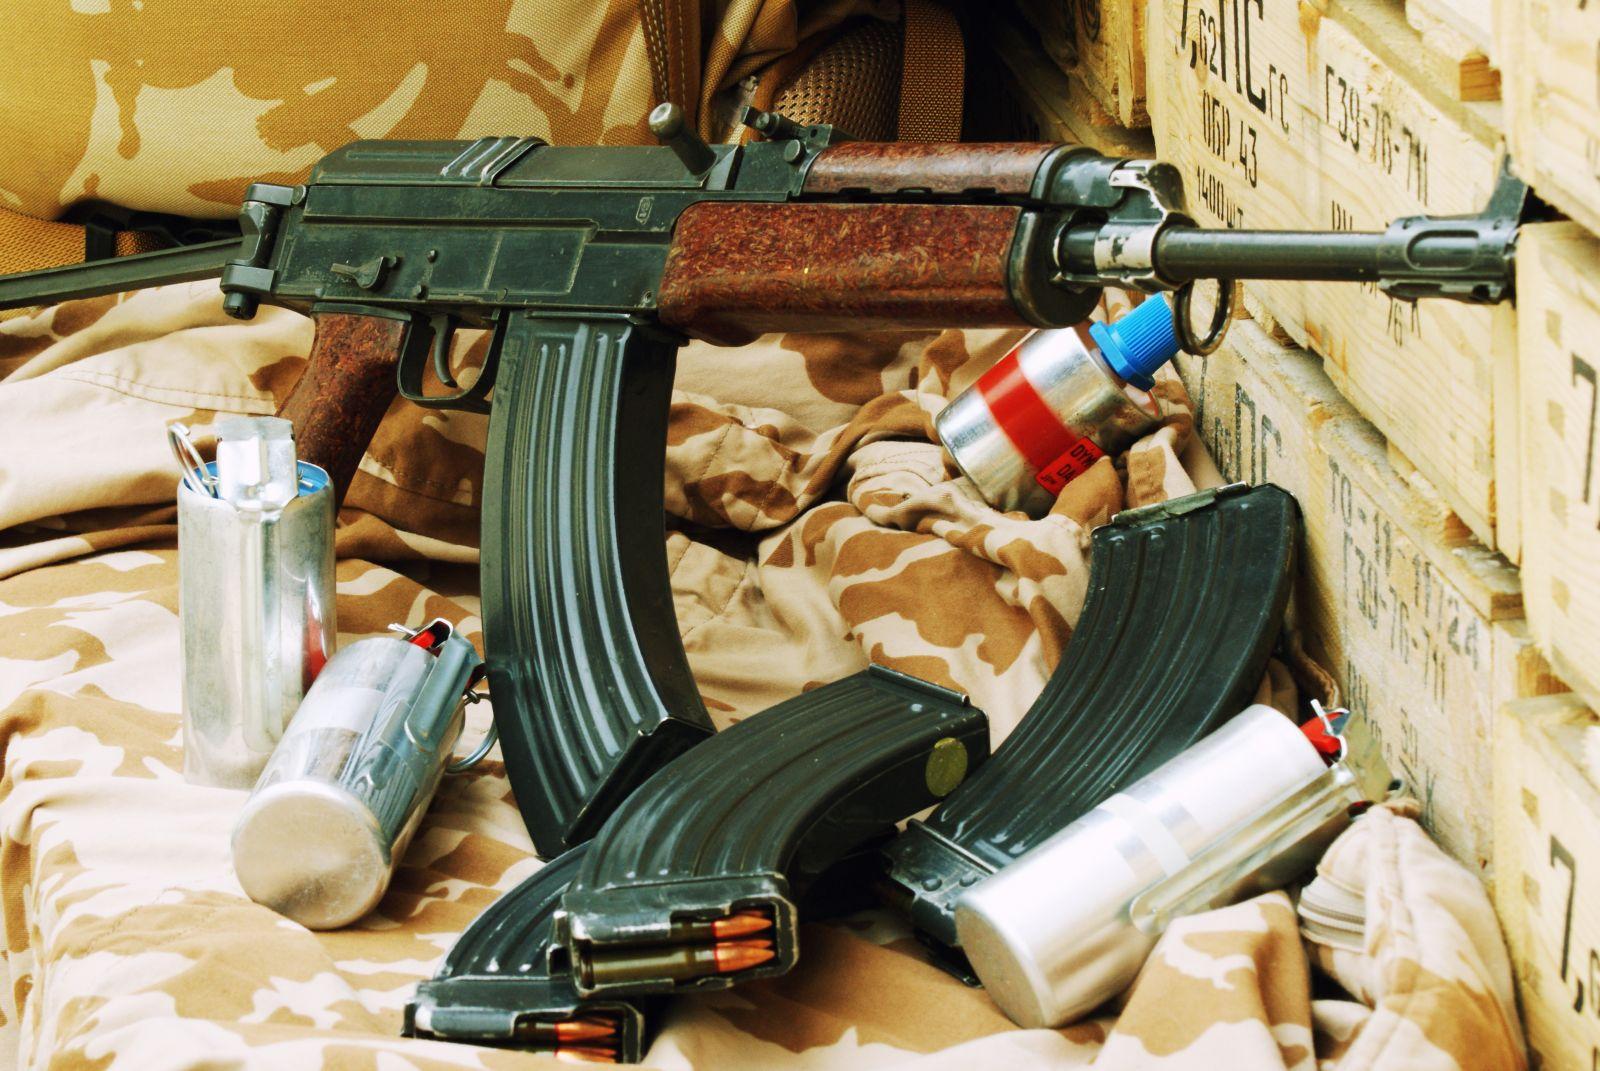 Mix policejních a vojenských zbraní nkteam